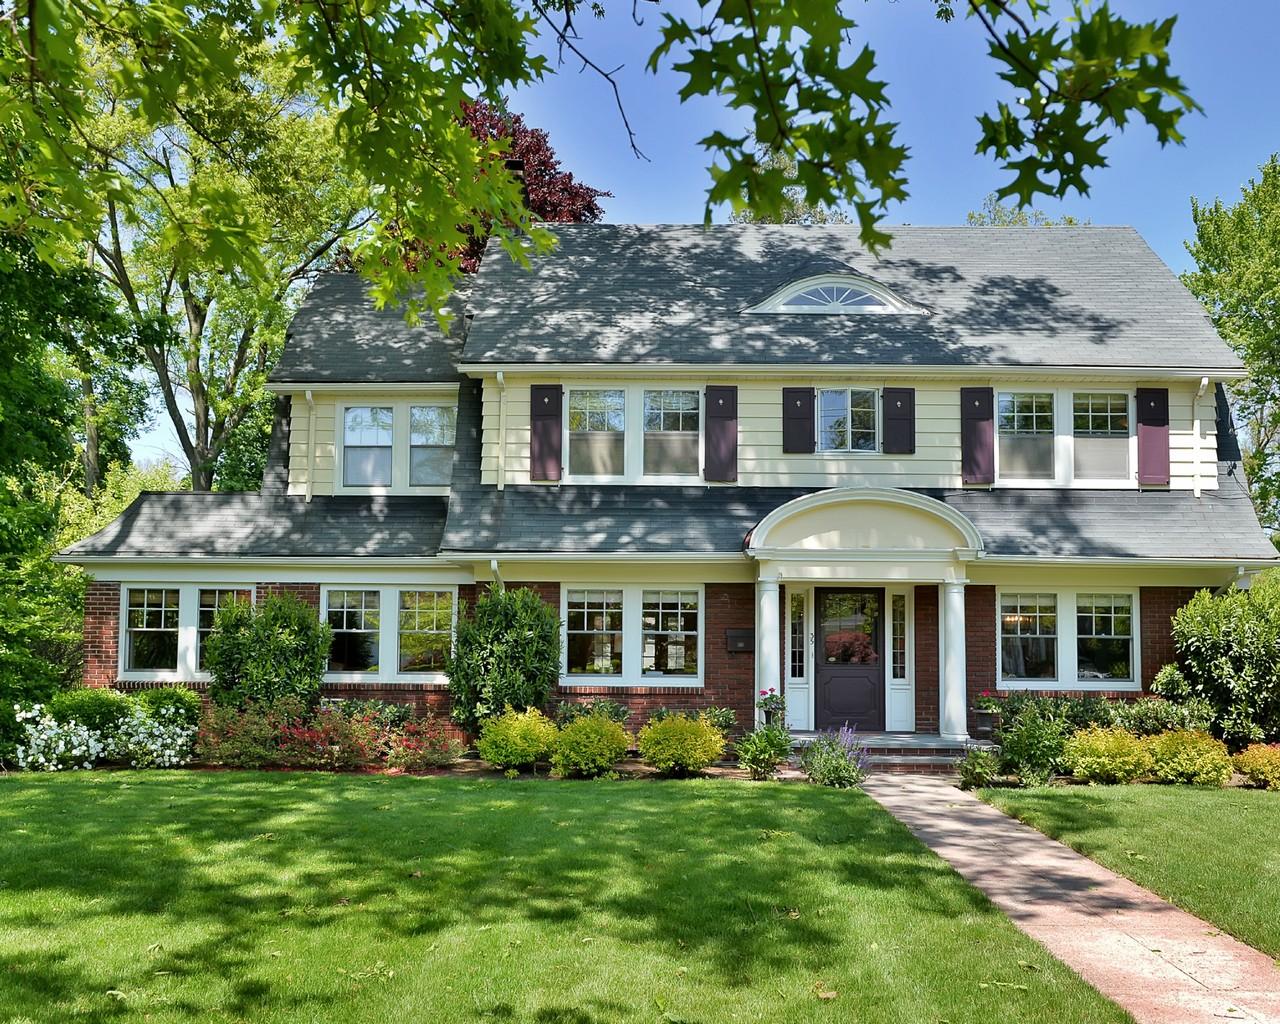 Maison unifamiliale pour l Vente à Spacious and Gracious Colonial 35 Elston Road Montclair, New Jersey, 07043 États-Unis